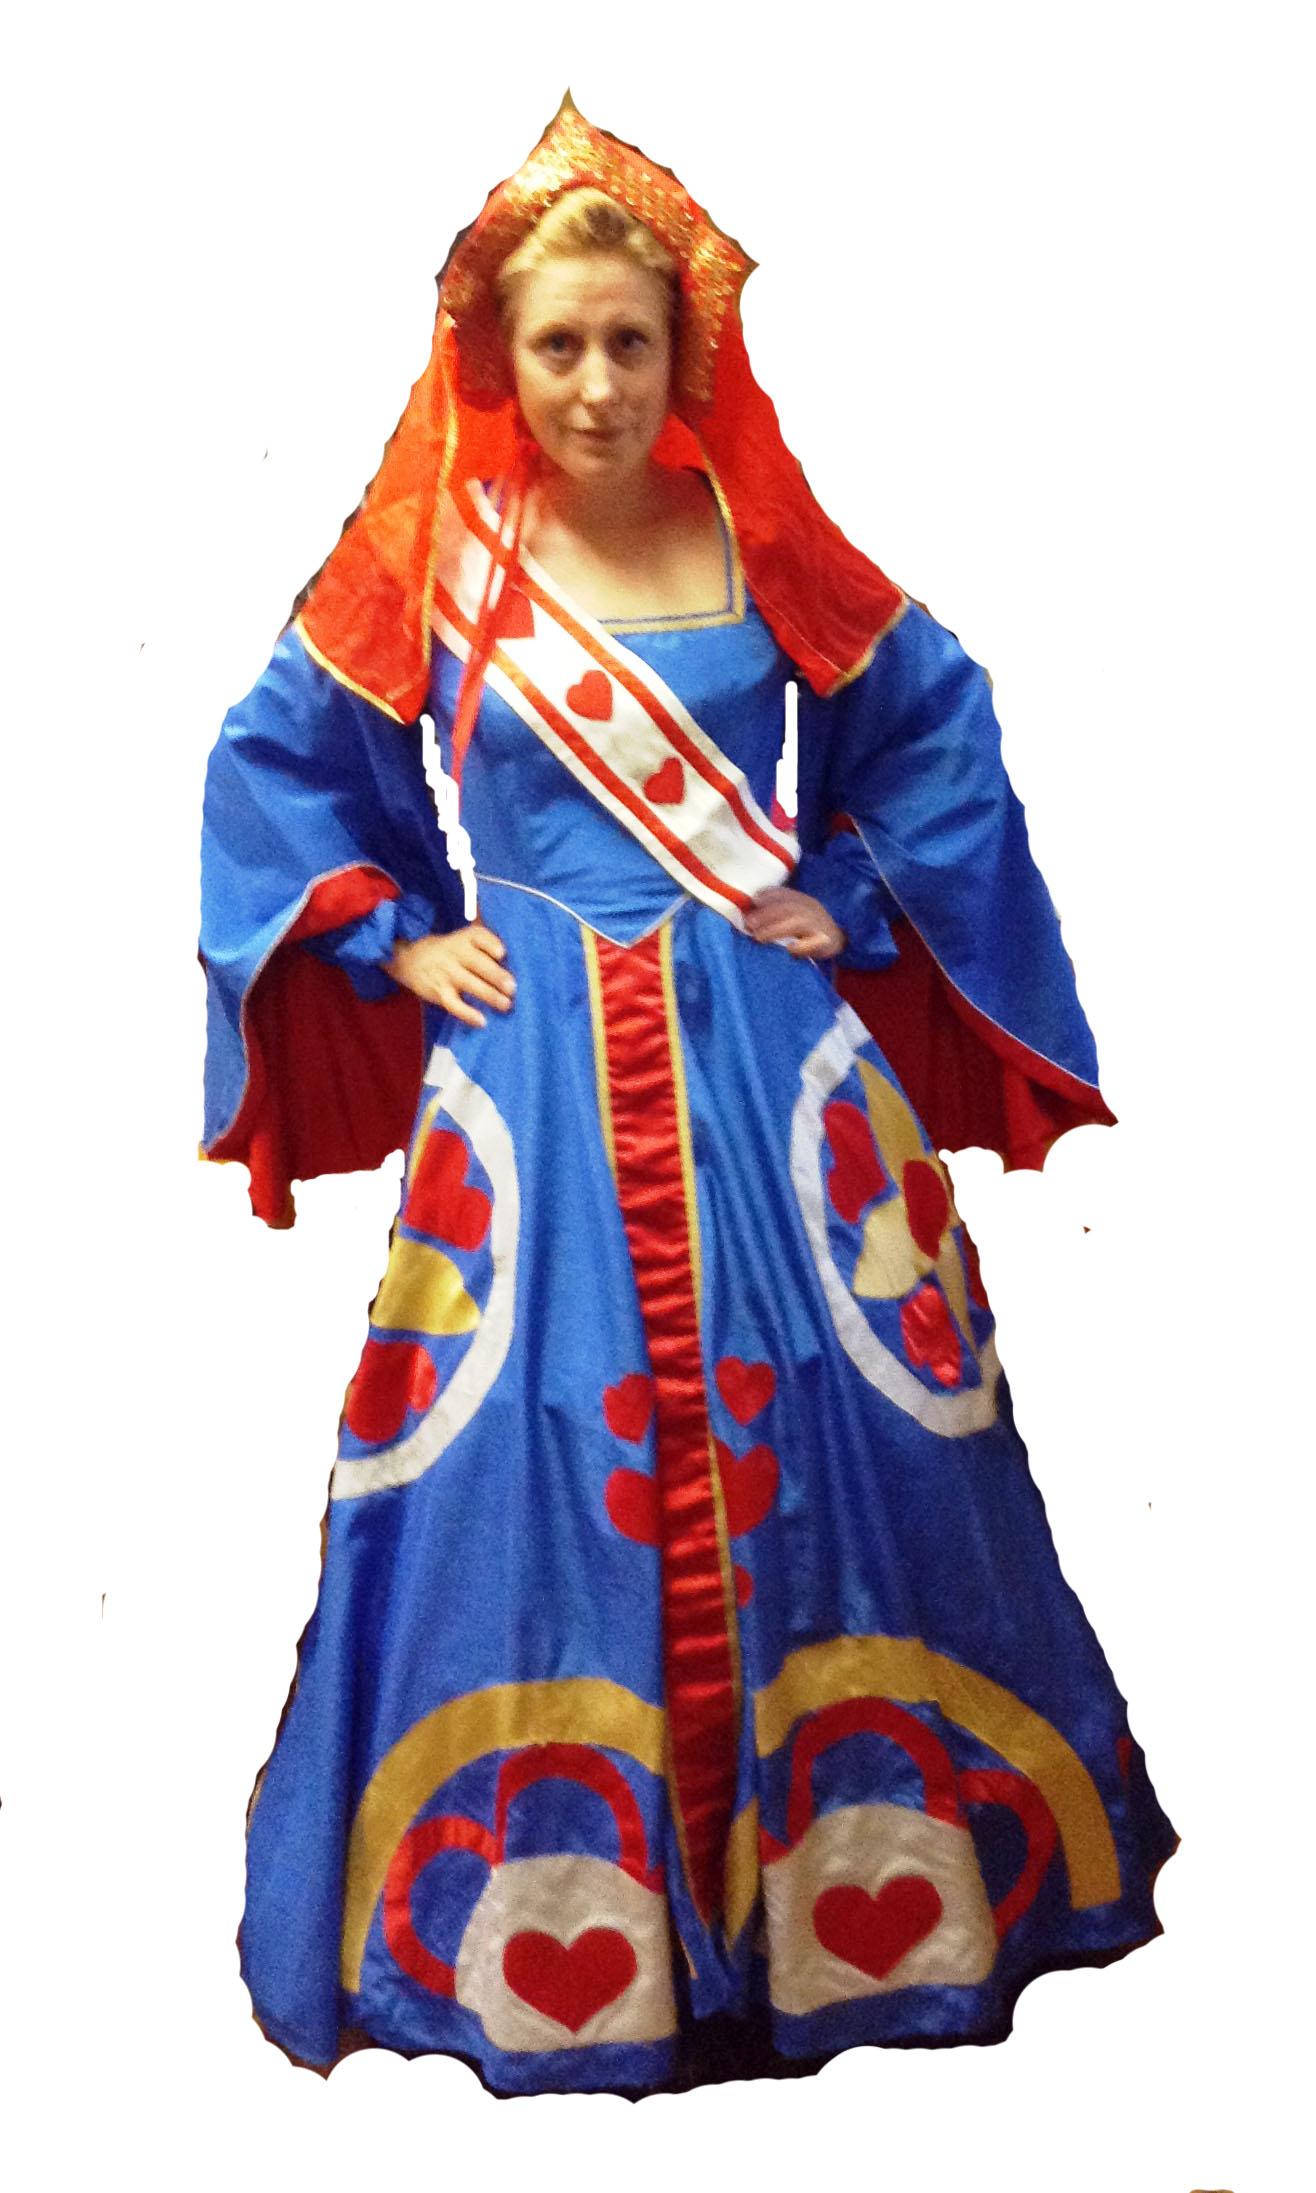 Blue_Queen_of_Hearts_Fancy_Dress